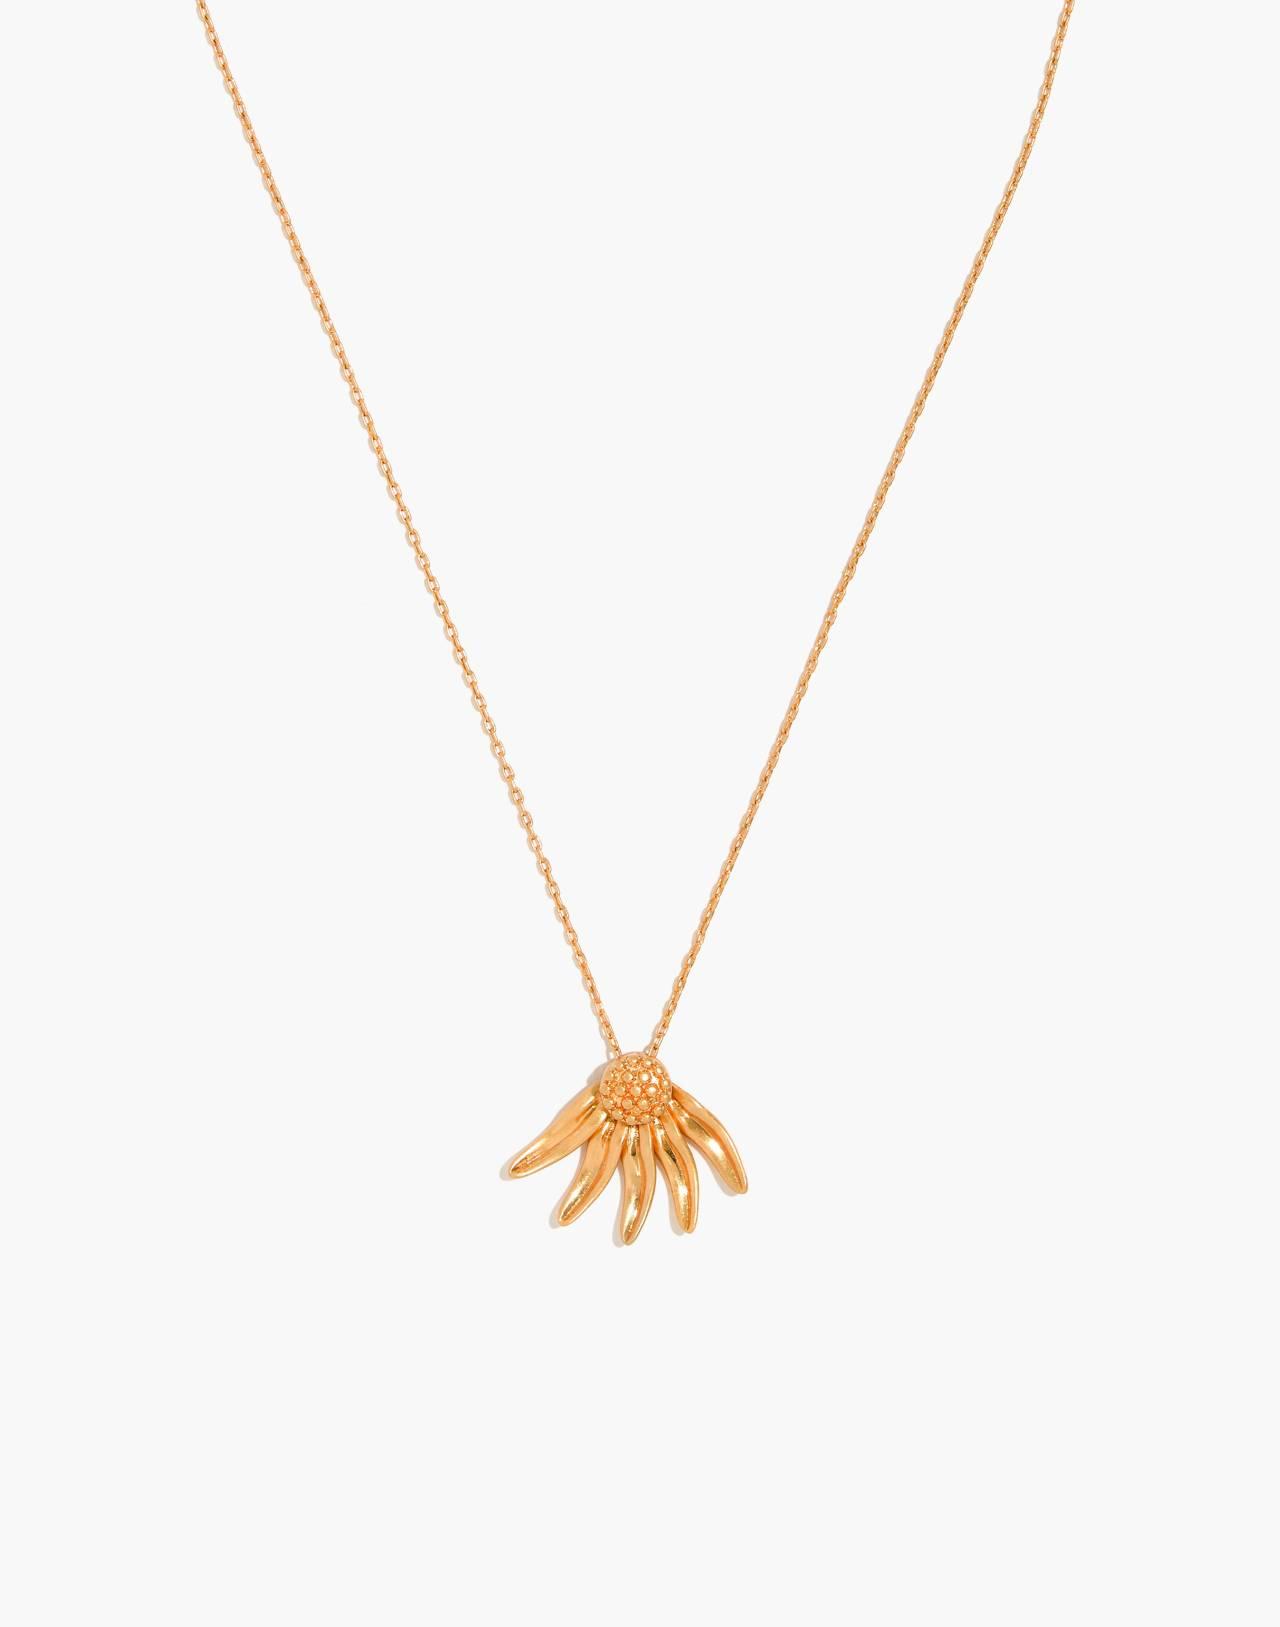 Fallen Petals Necklace in vintage gold image 1